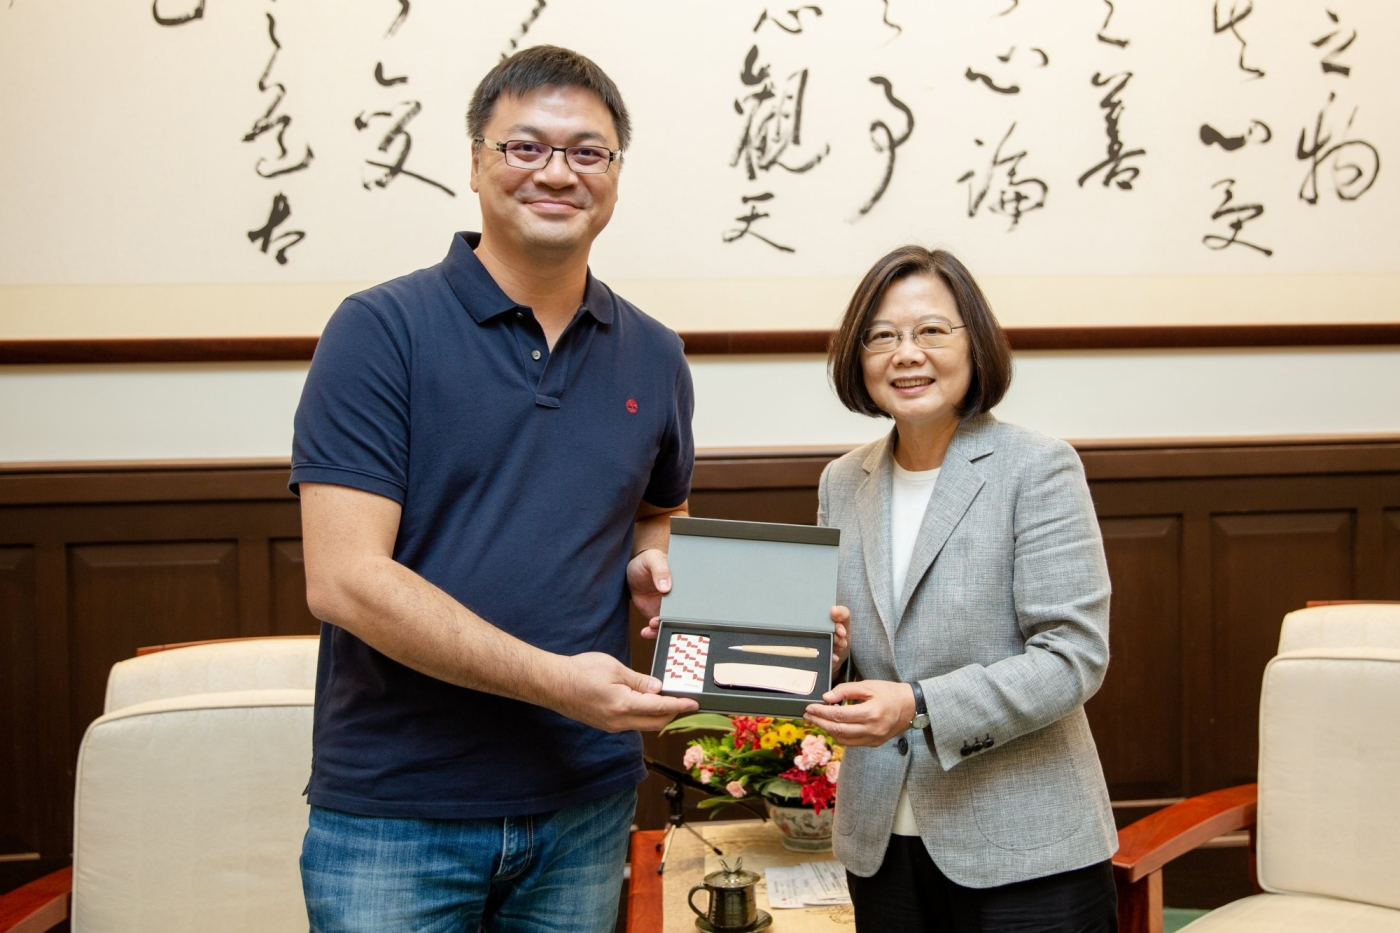 別再錯失養出獨角獸機會,台灣網路電商業向蔡英文喊話:開放多元籌資管道